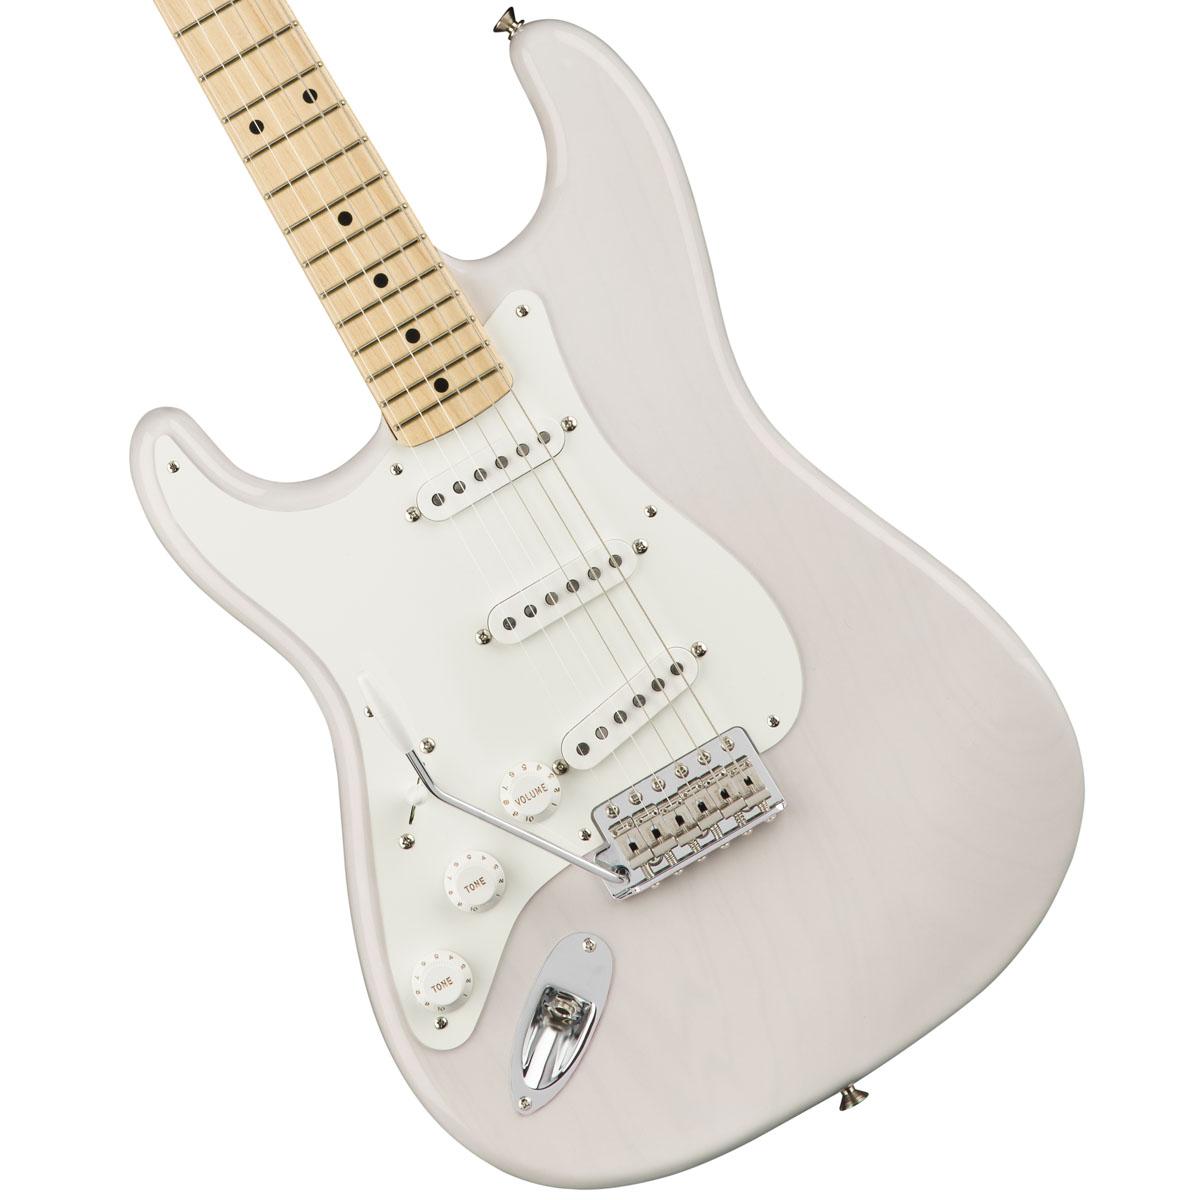 Fender USA / American Original 50s Stratocaster Ash White Blonde Lefty (Left Hand LH) 《カスタムショップのお手入れ用品を進呈/+671038200》《フェンダー純正グッズを進呈/+79083》